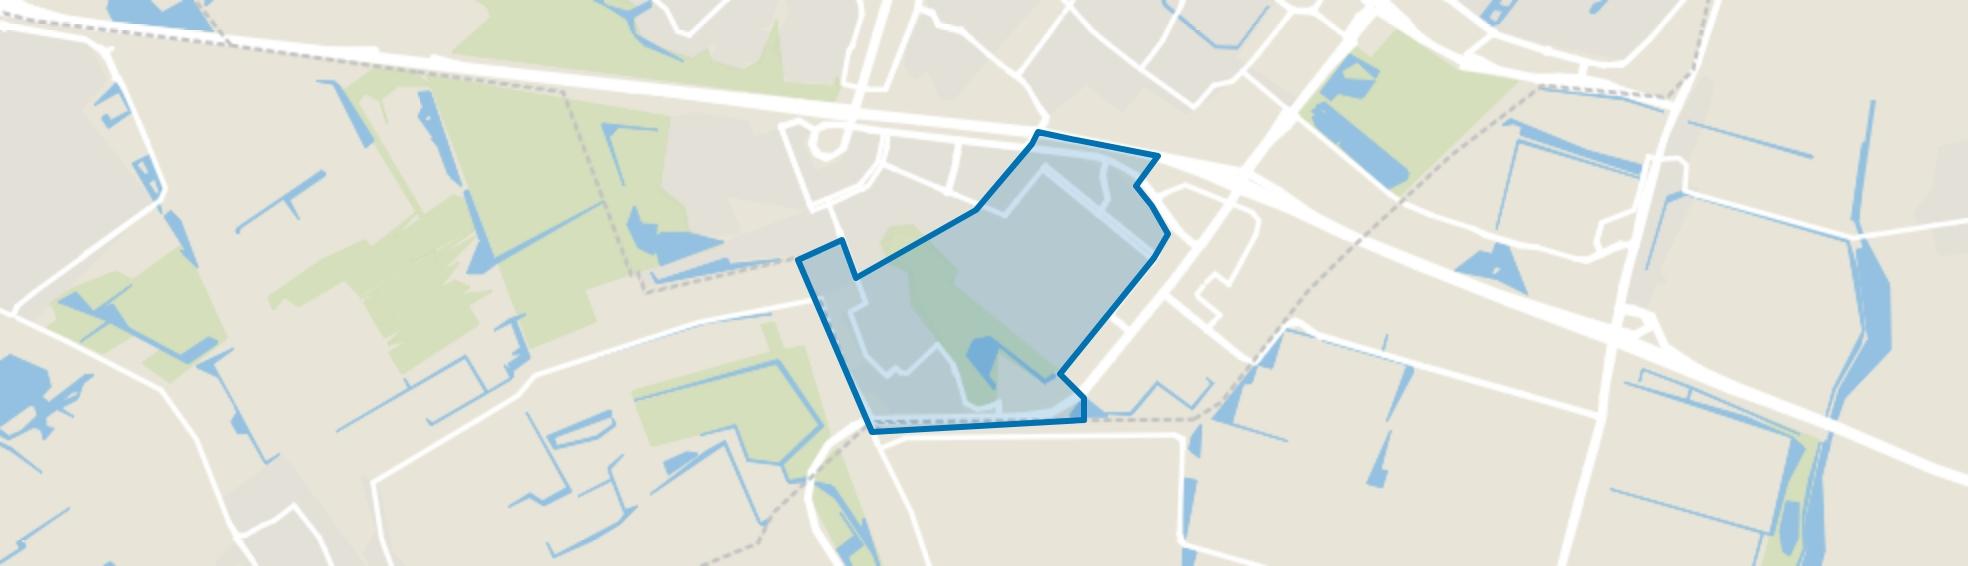 Rokkeveen-Oost, Zoetermeer map